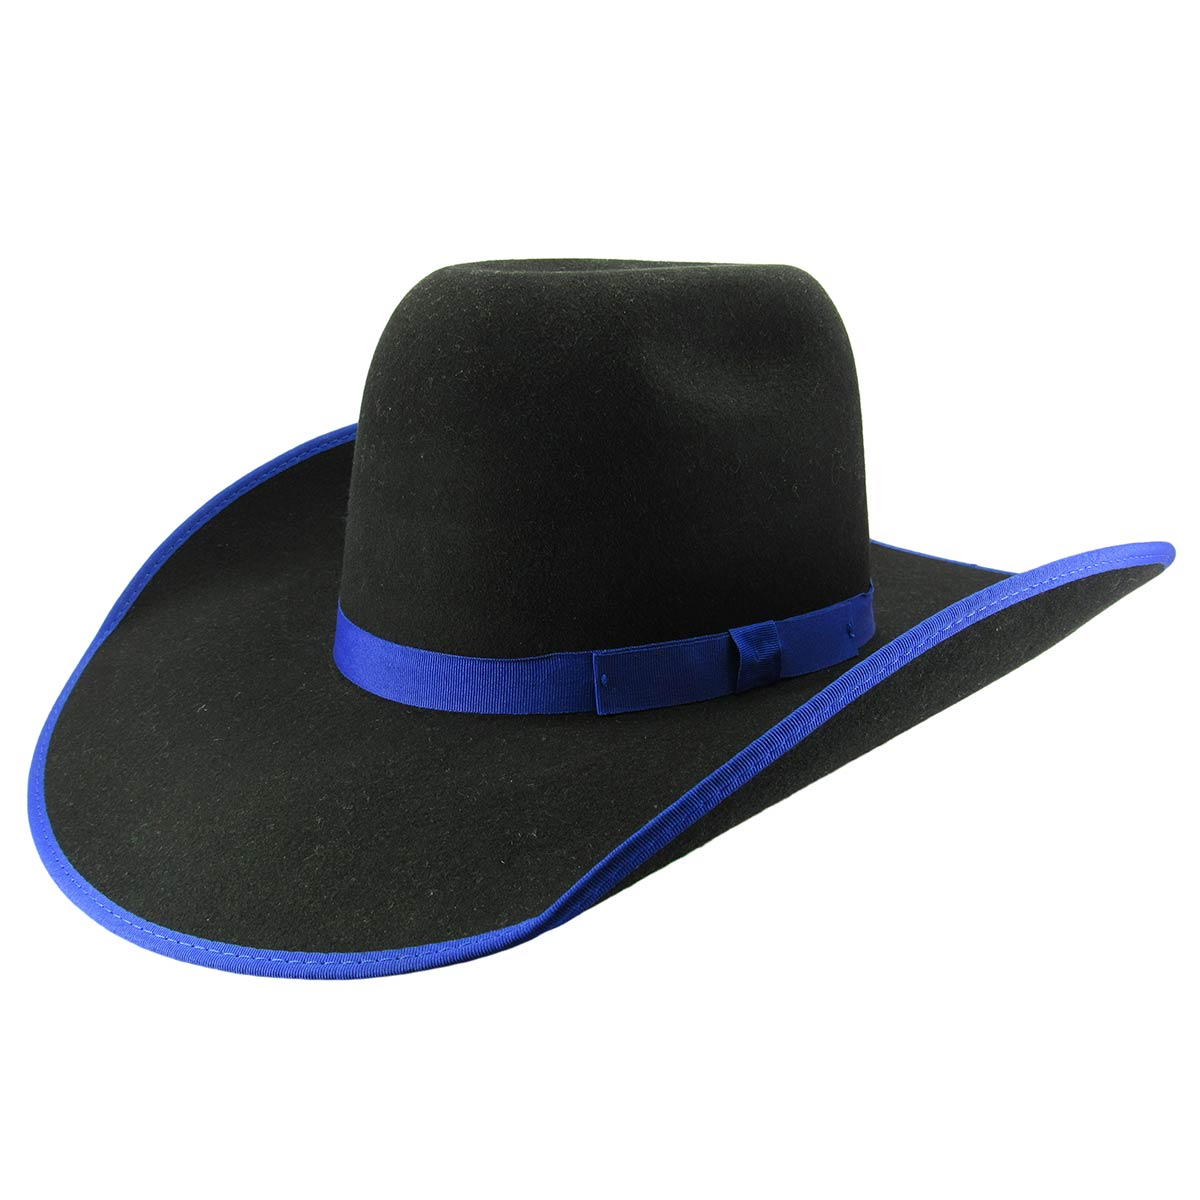 f5d78cef93dee Chapéu Country Eldorado Ultimate Feltro Preto Borda Azul - 9029 ...